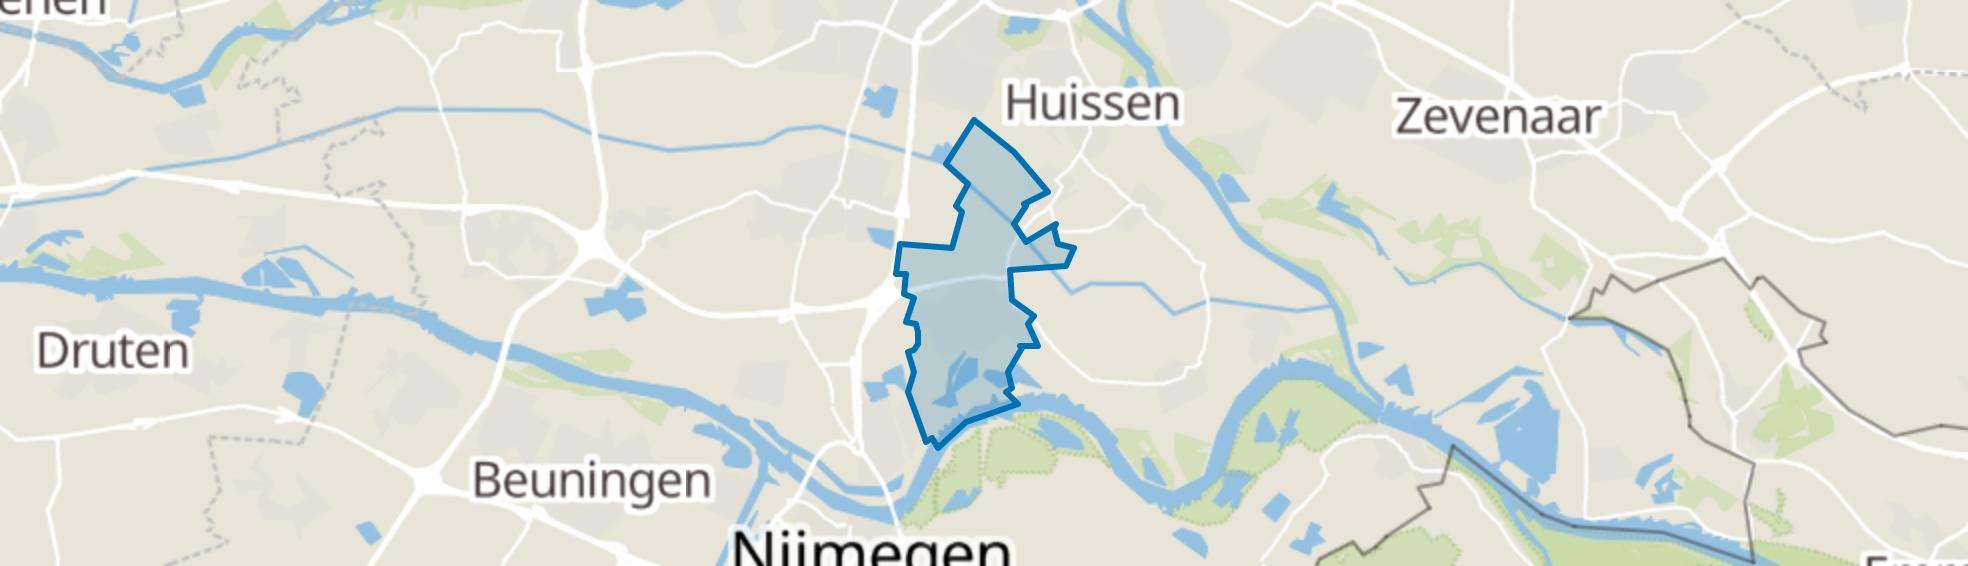 Bemmel map